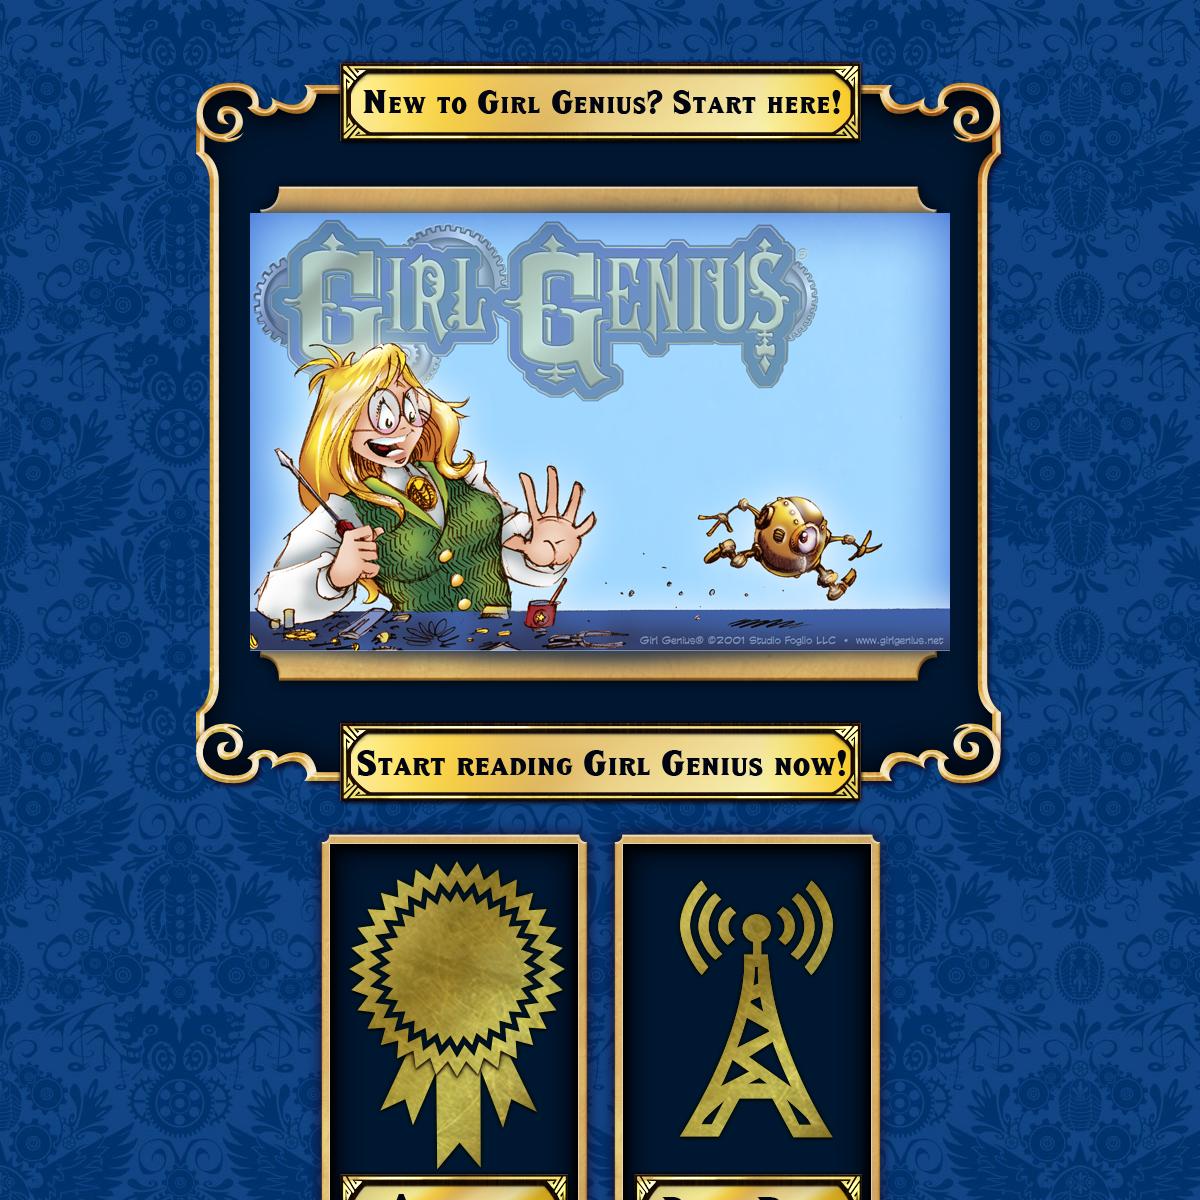 Girl Genius Online Comics